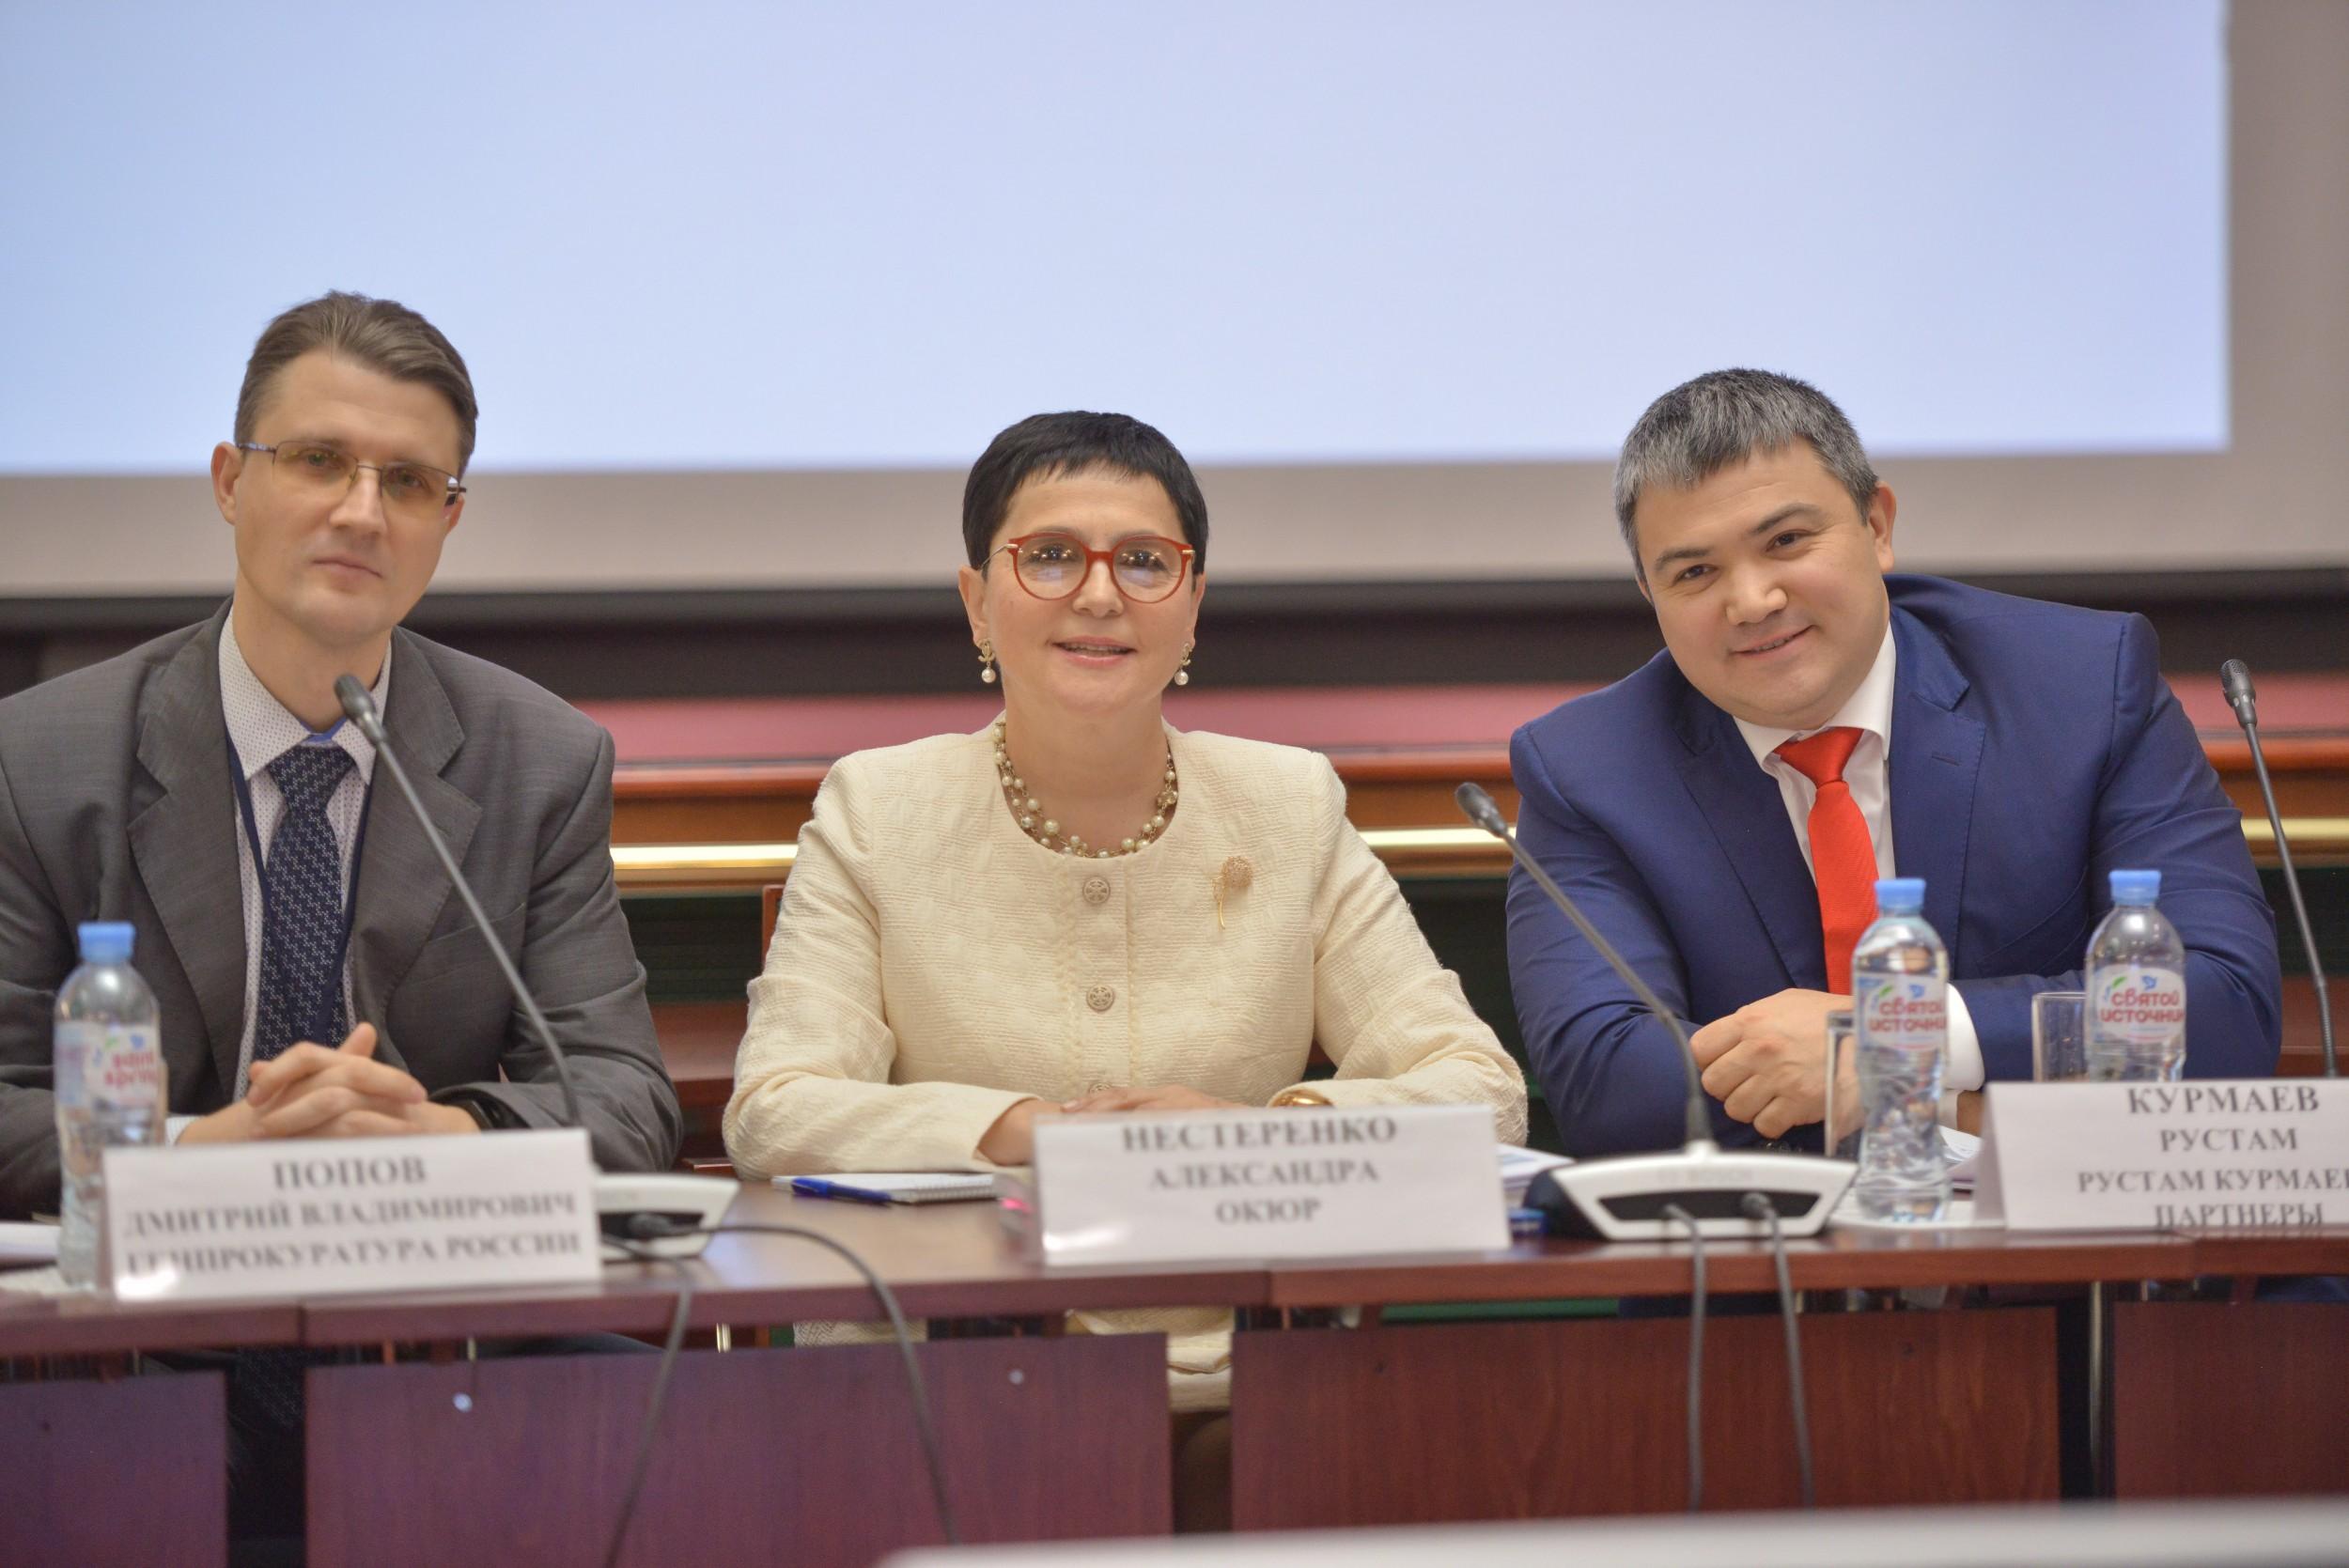 Рустам Курмаев